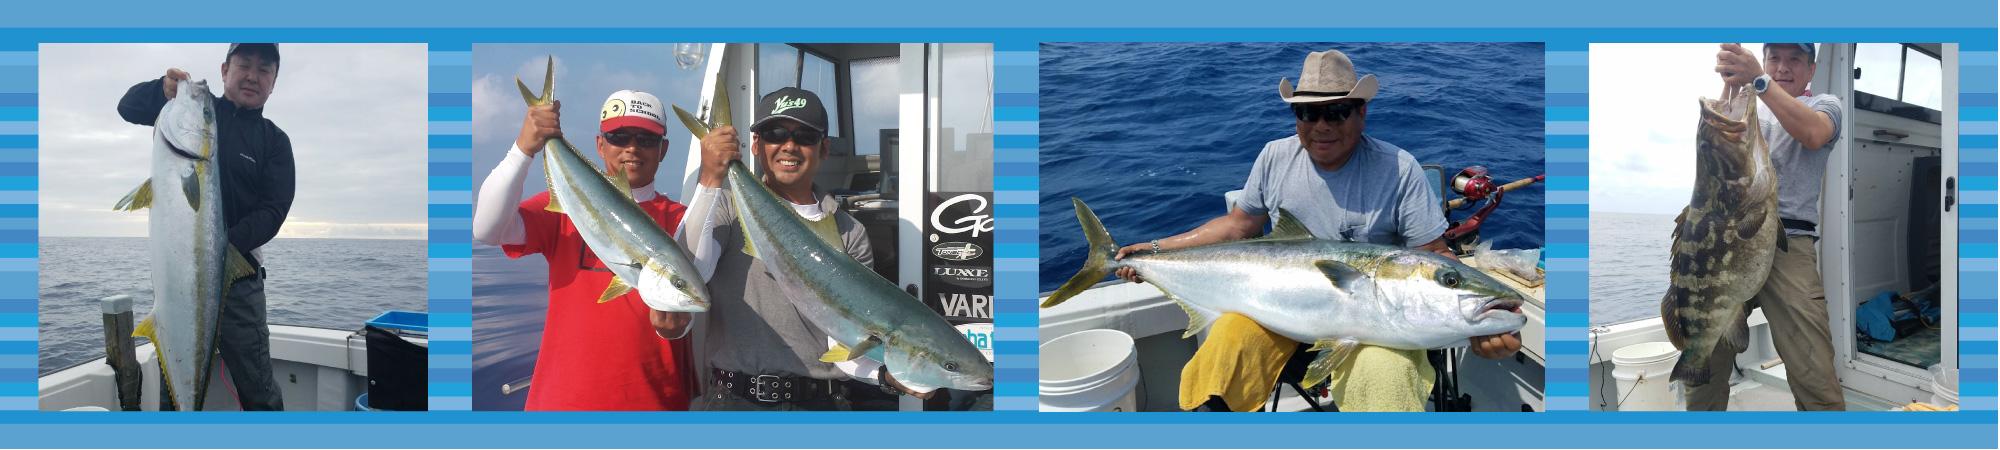 晴海丸で釣れた魚との記念写真です